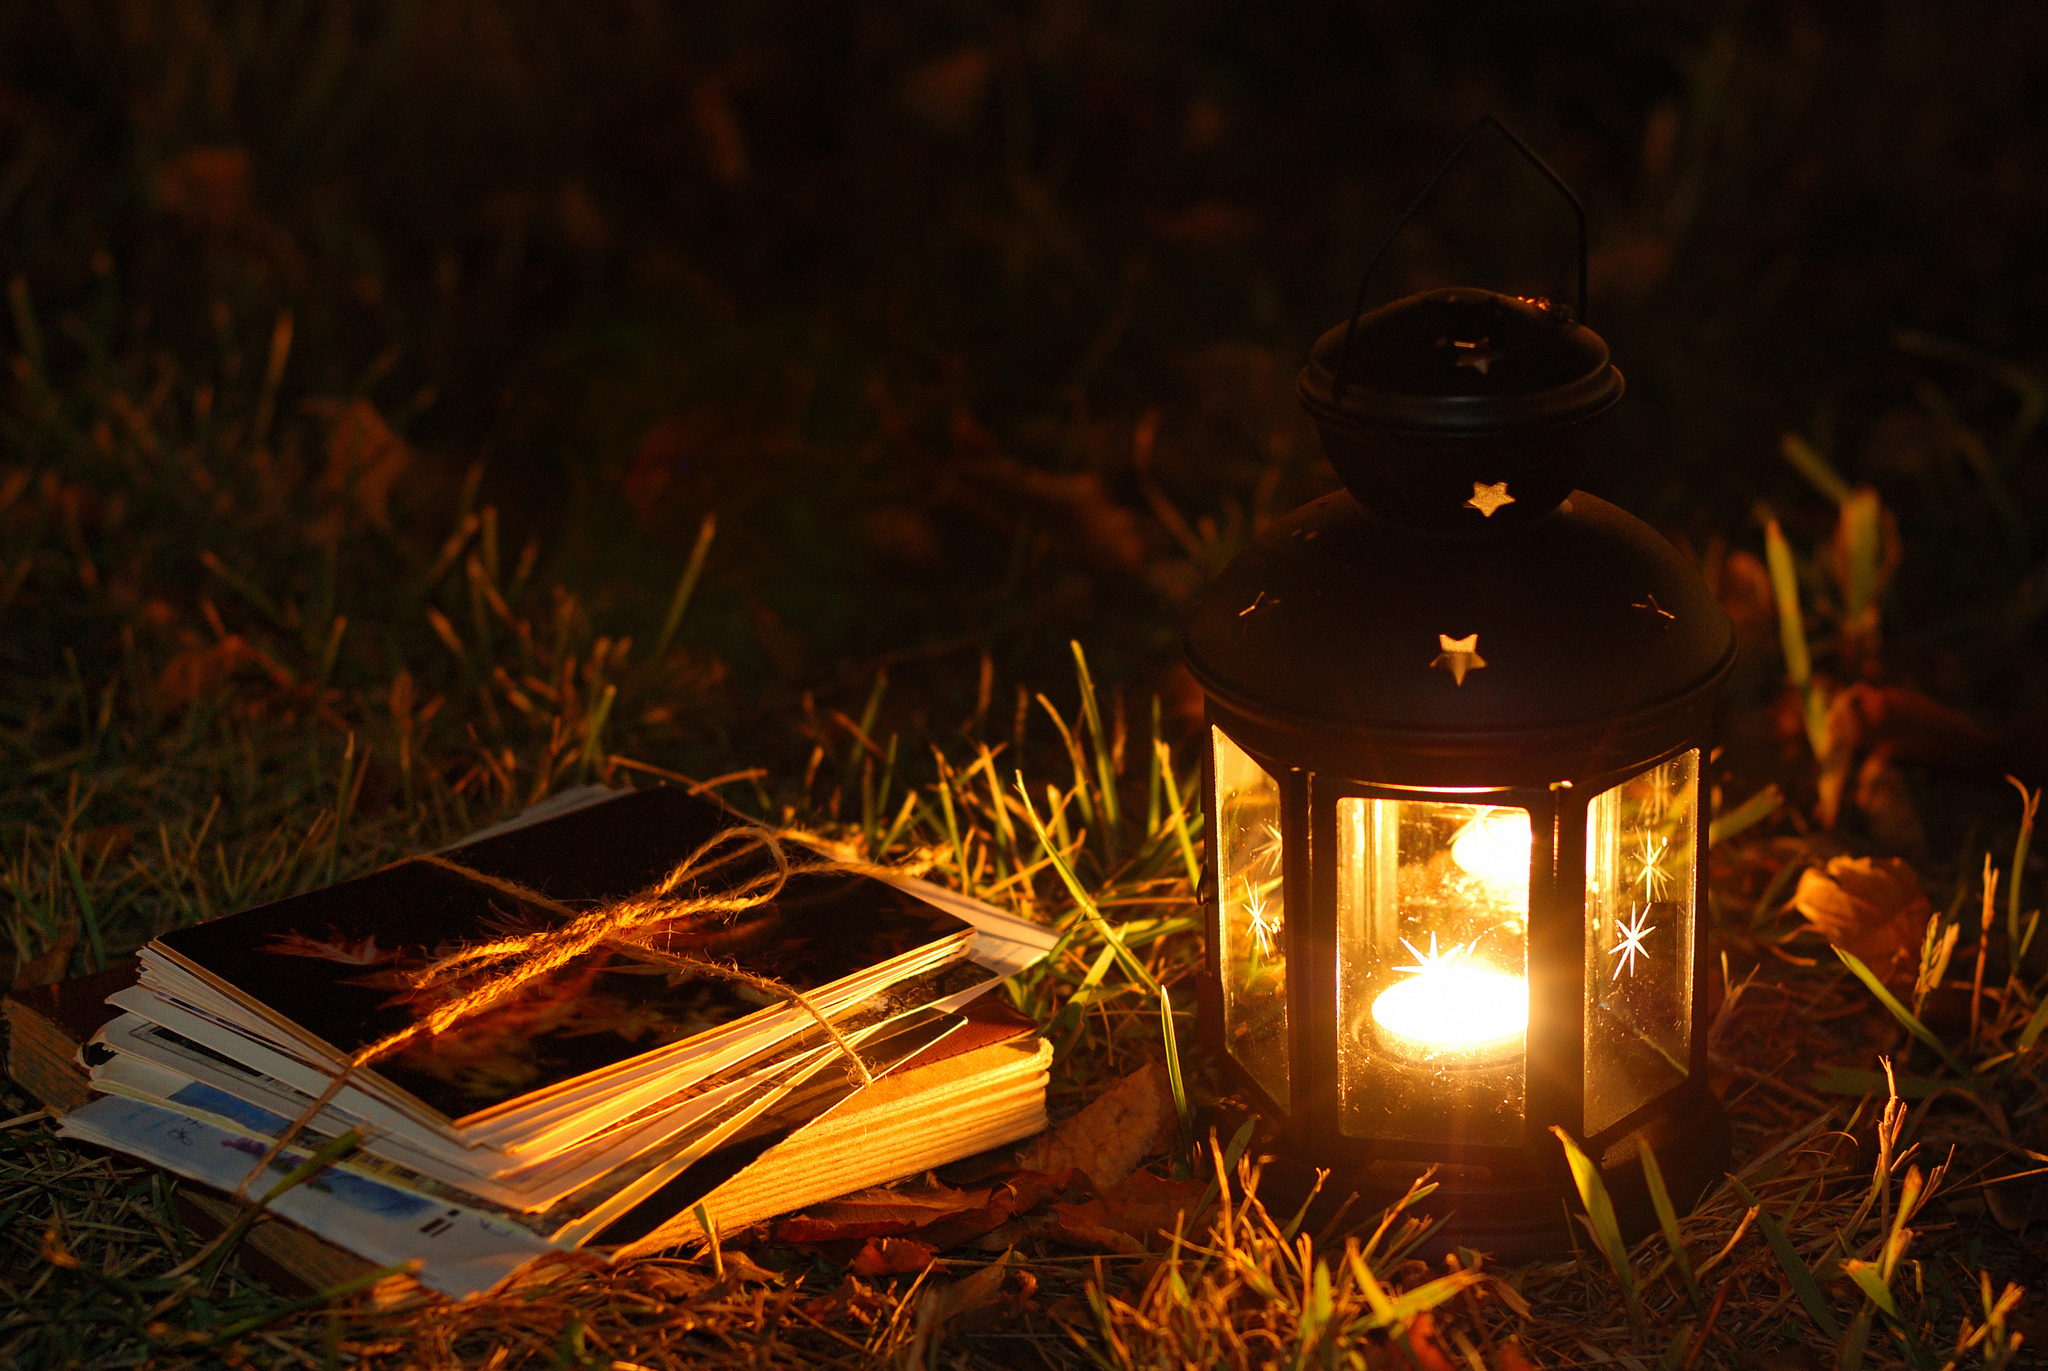 синий фонарь свечка  № 2050232 бесплатно